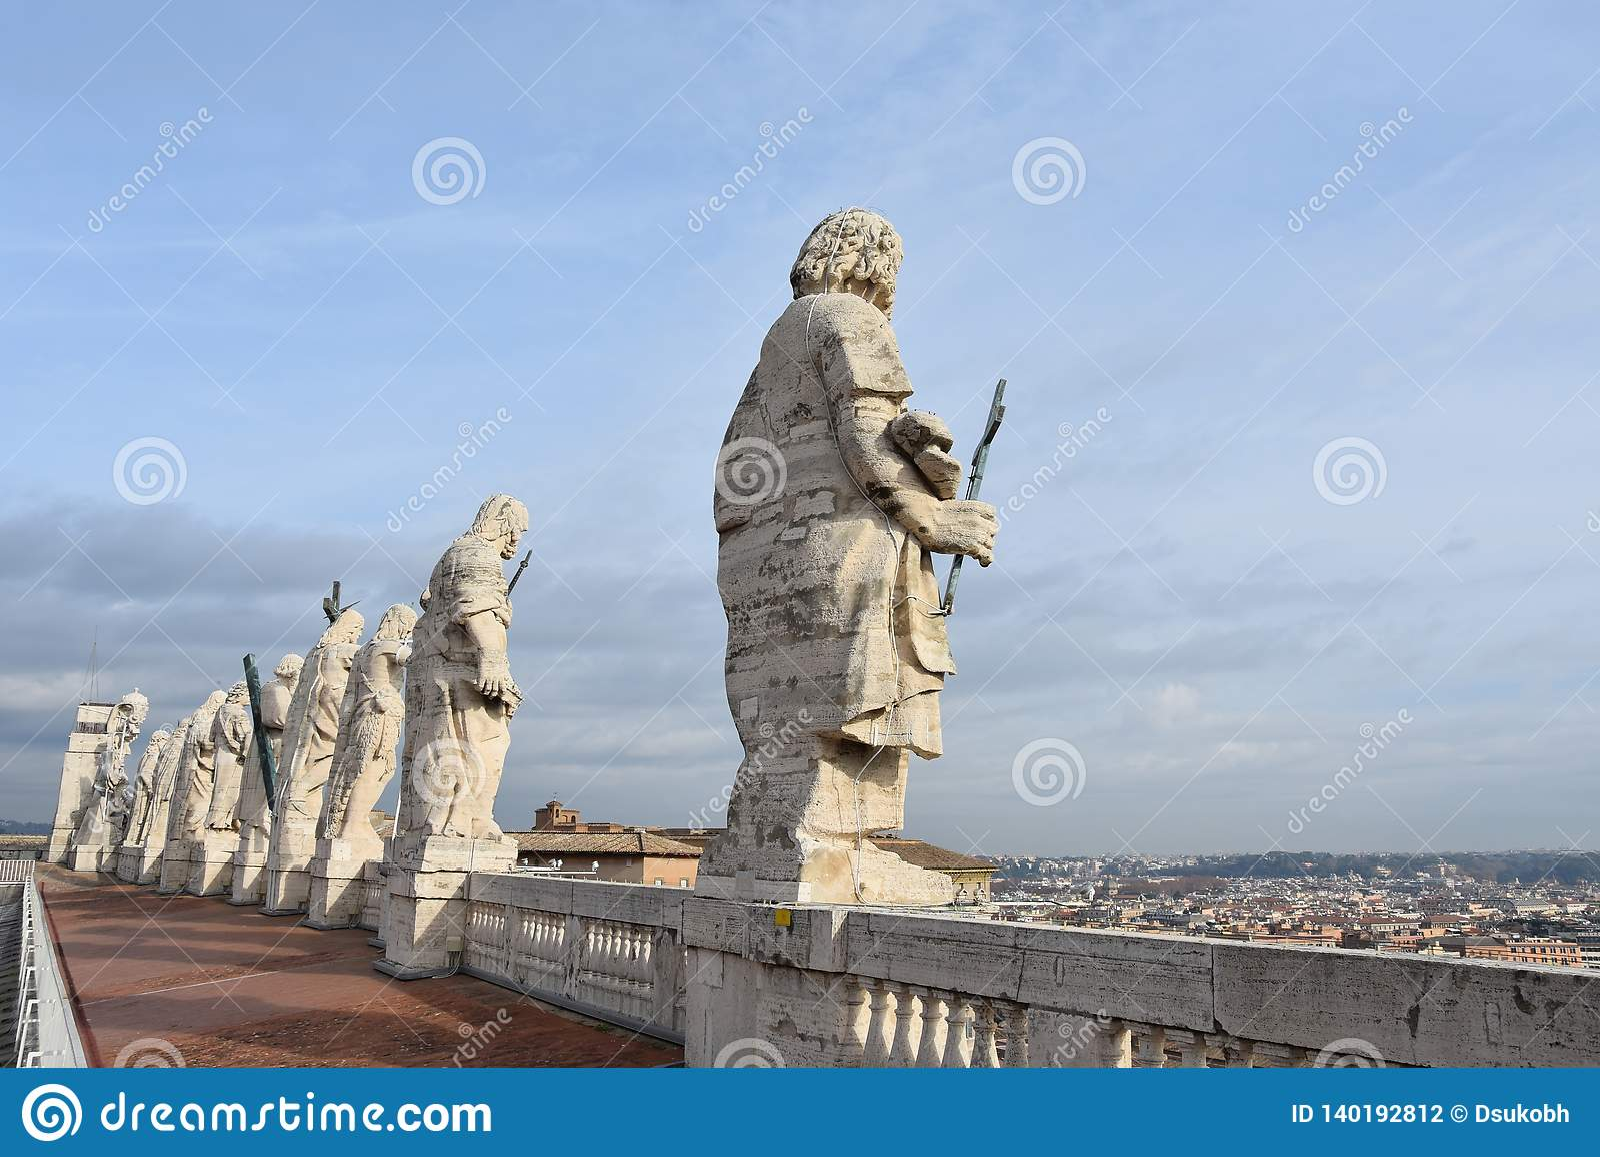 Skulpturen auf St Peter Basilika, Vatikan